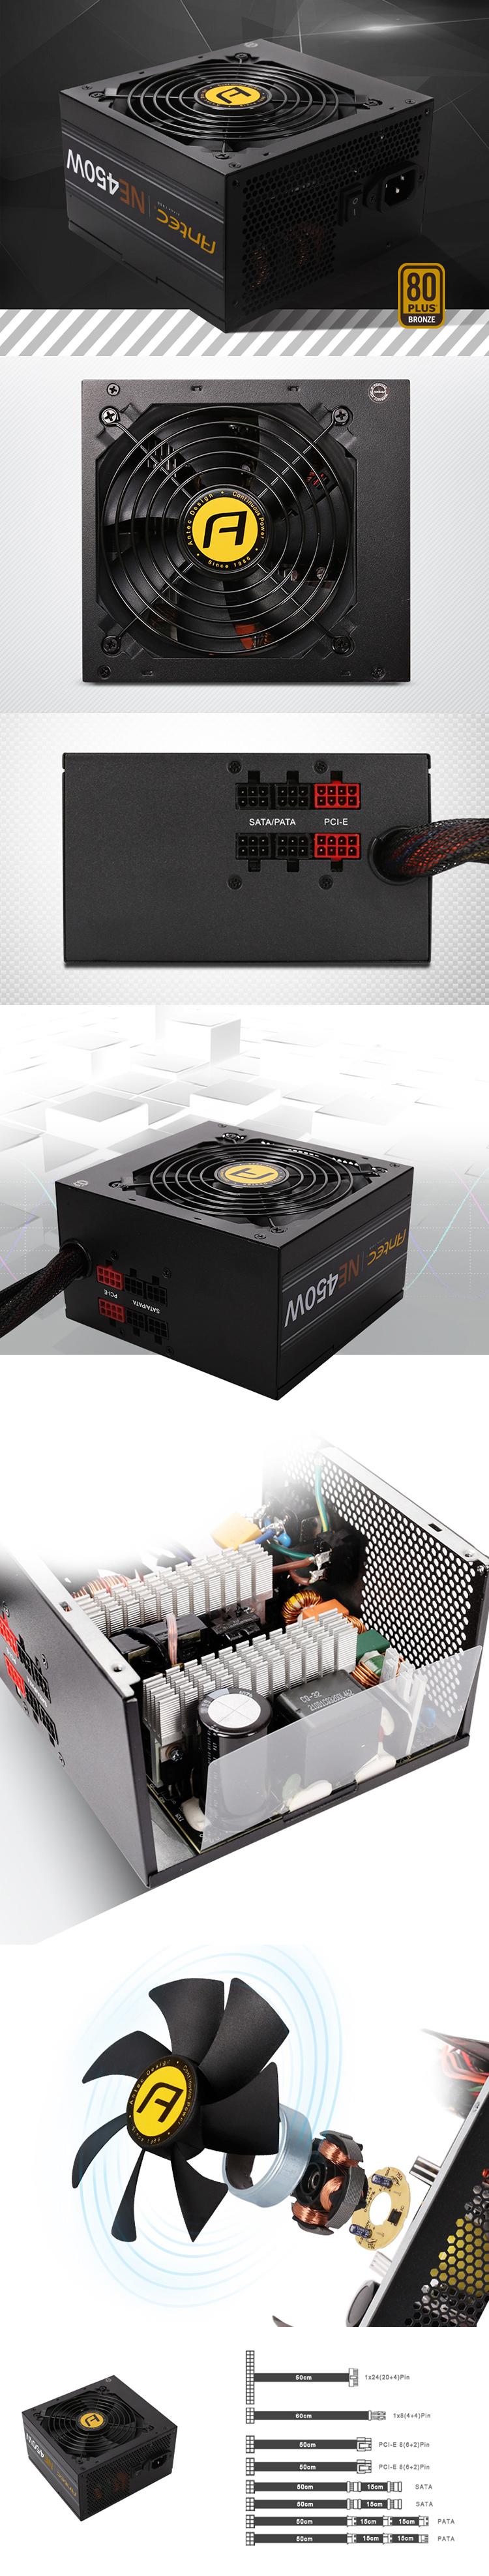 Nguồn Điện Máy Tính Antec Neo Eco (450W)